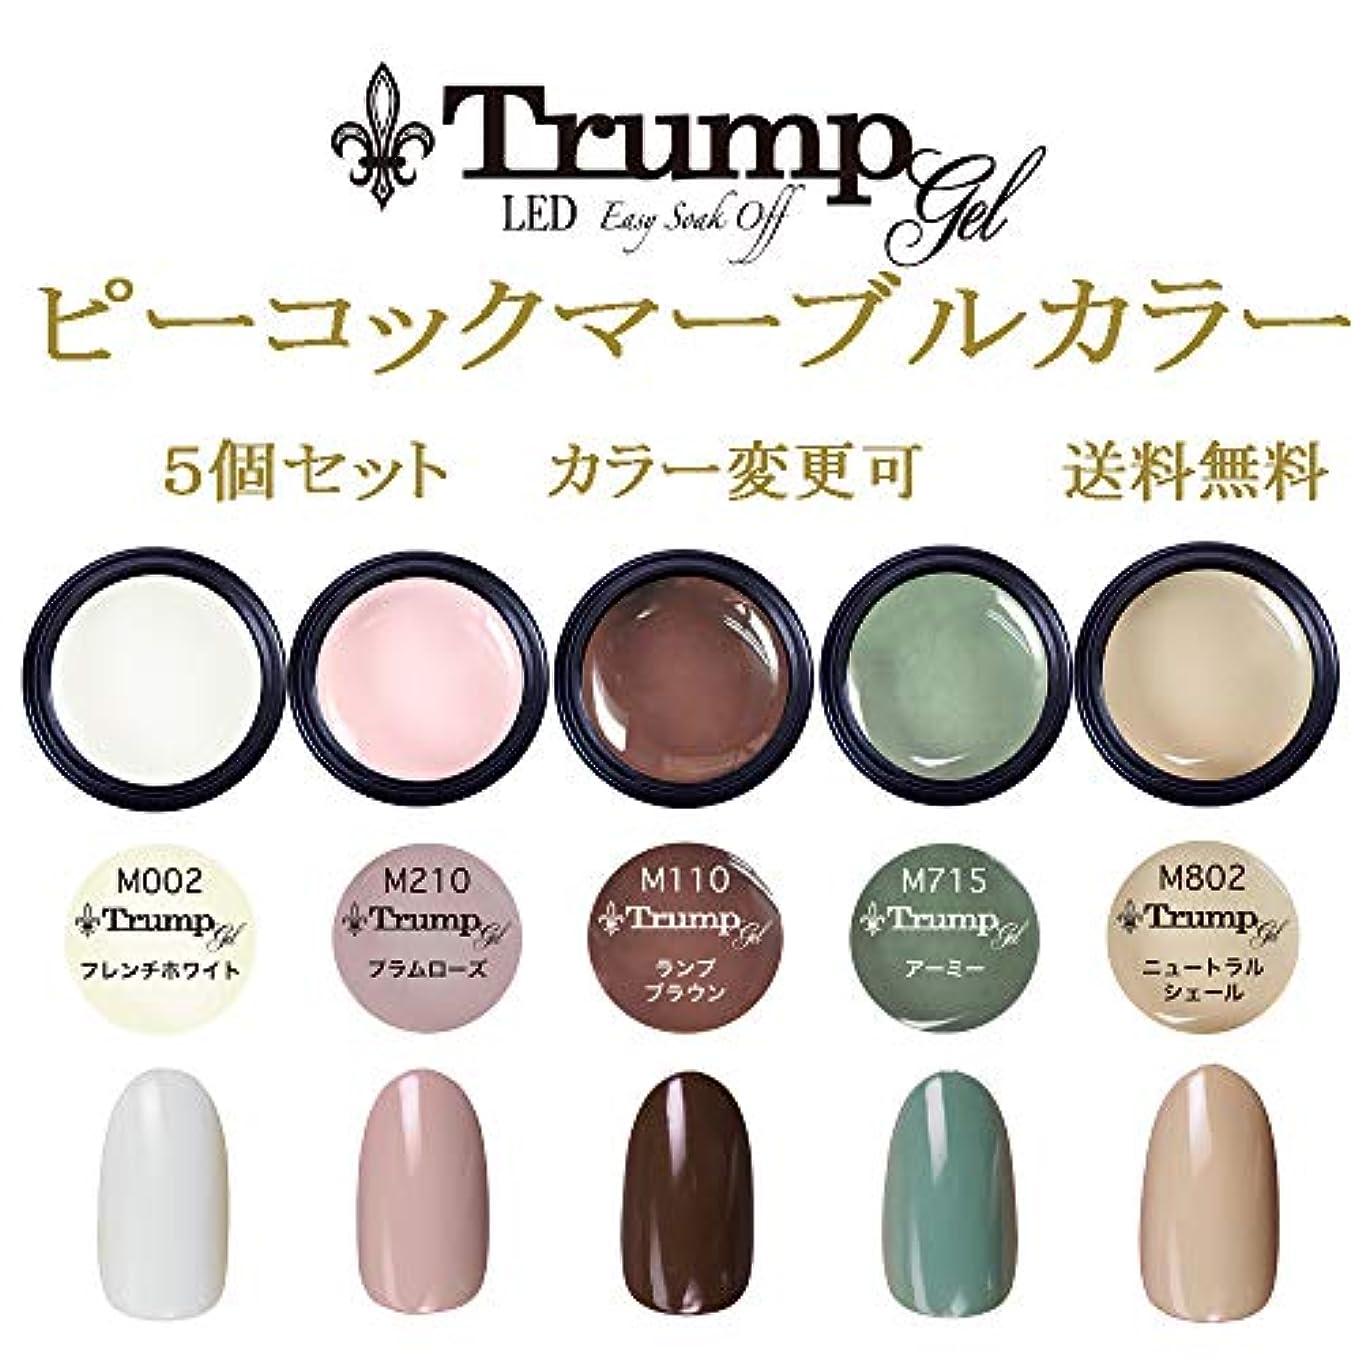 投資する出口歪める【送料無料】日本製 Trump gel トランプジェル ピーコックマーブル カラージェル 5個セット 魅惑のフロストマットトップとマットに合う人気カラーをチョイス